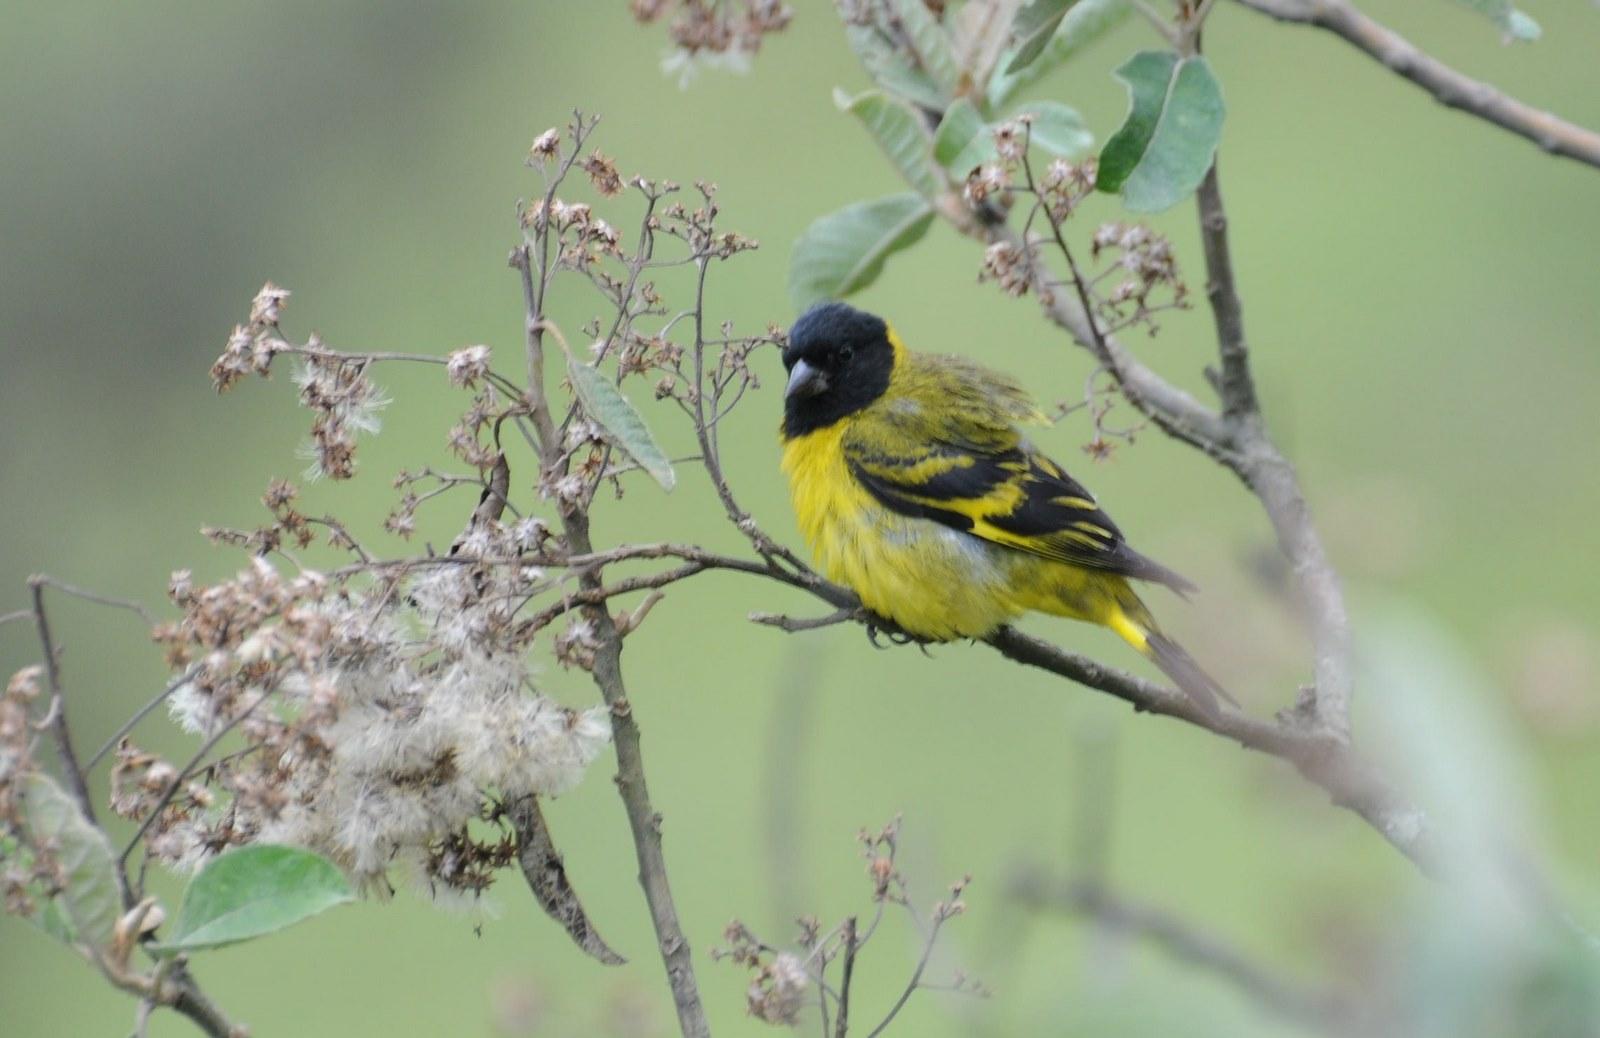 Animais - Pássaro - Pintassilgo - Sustentabilidade